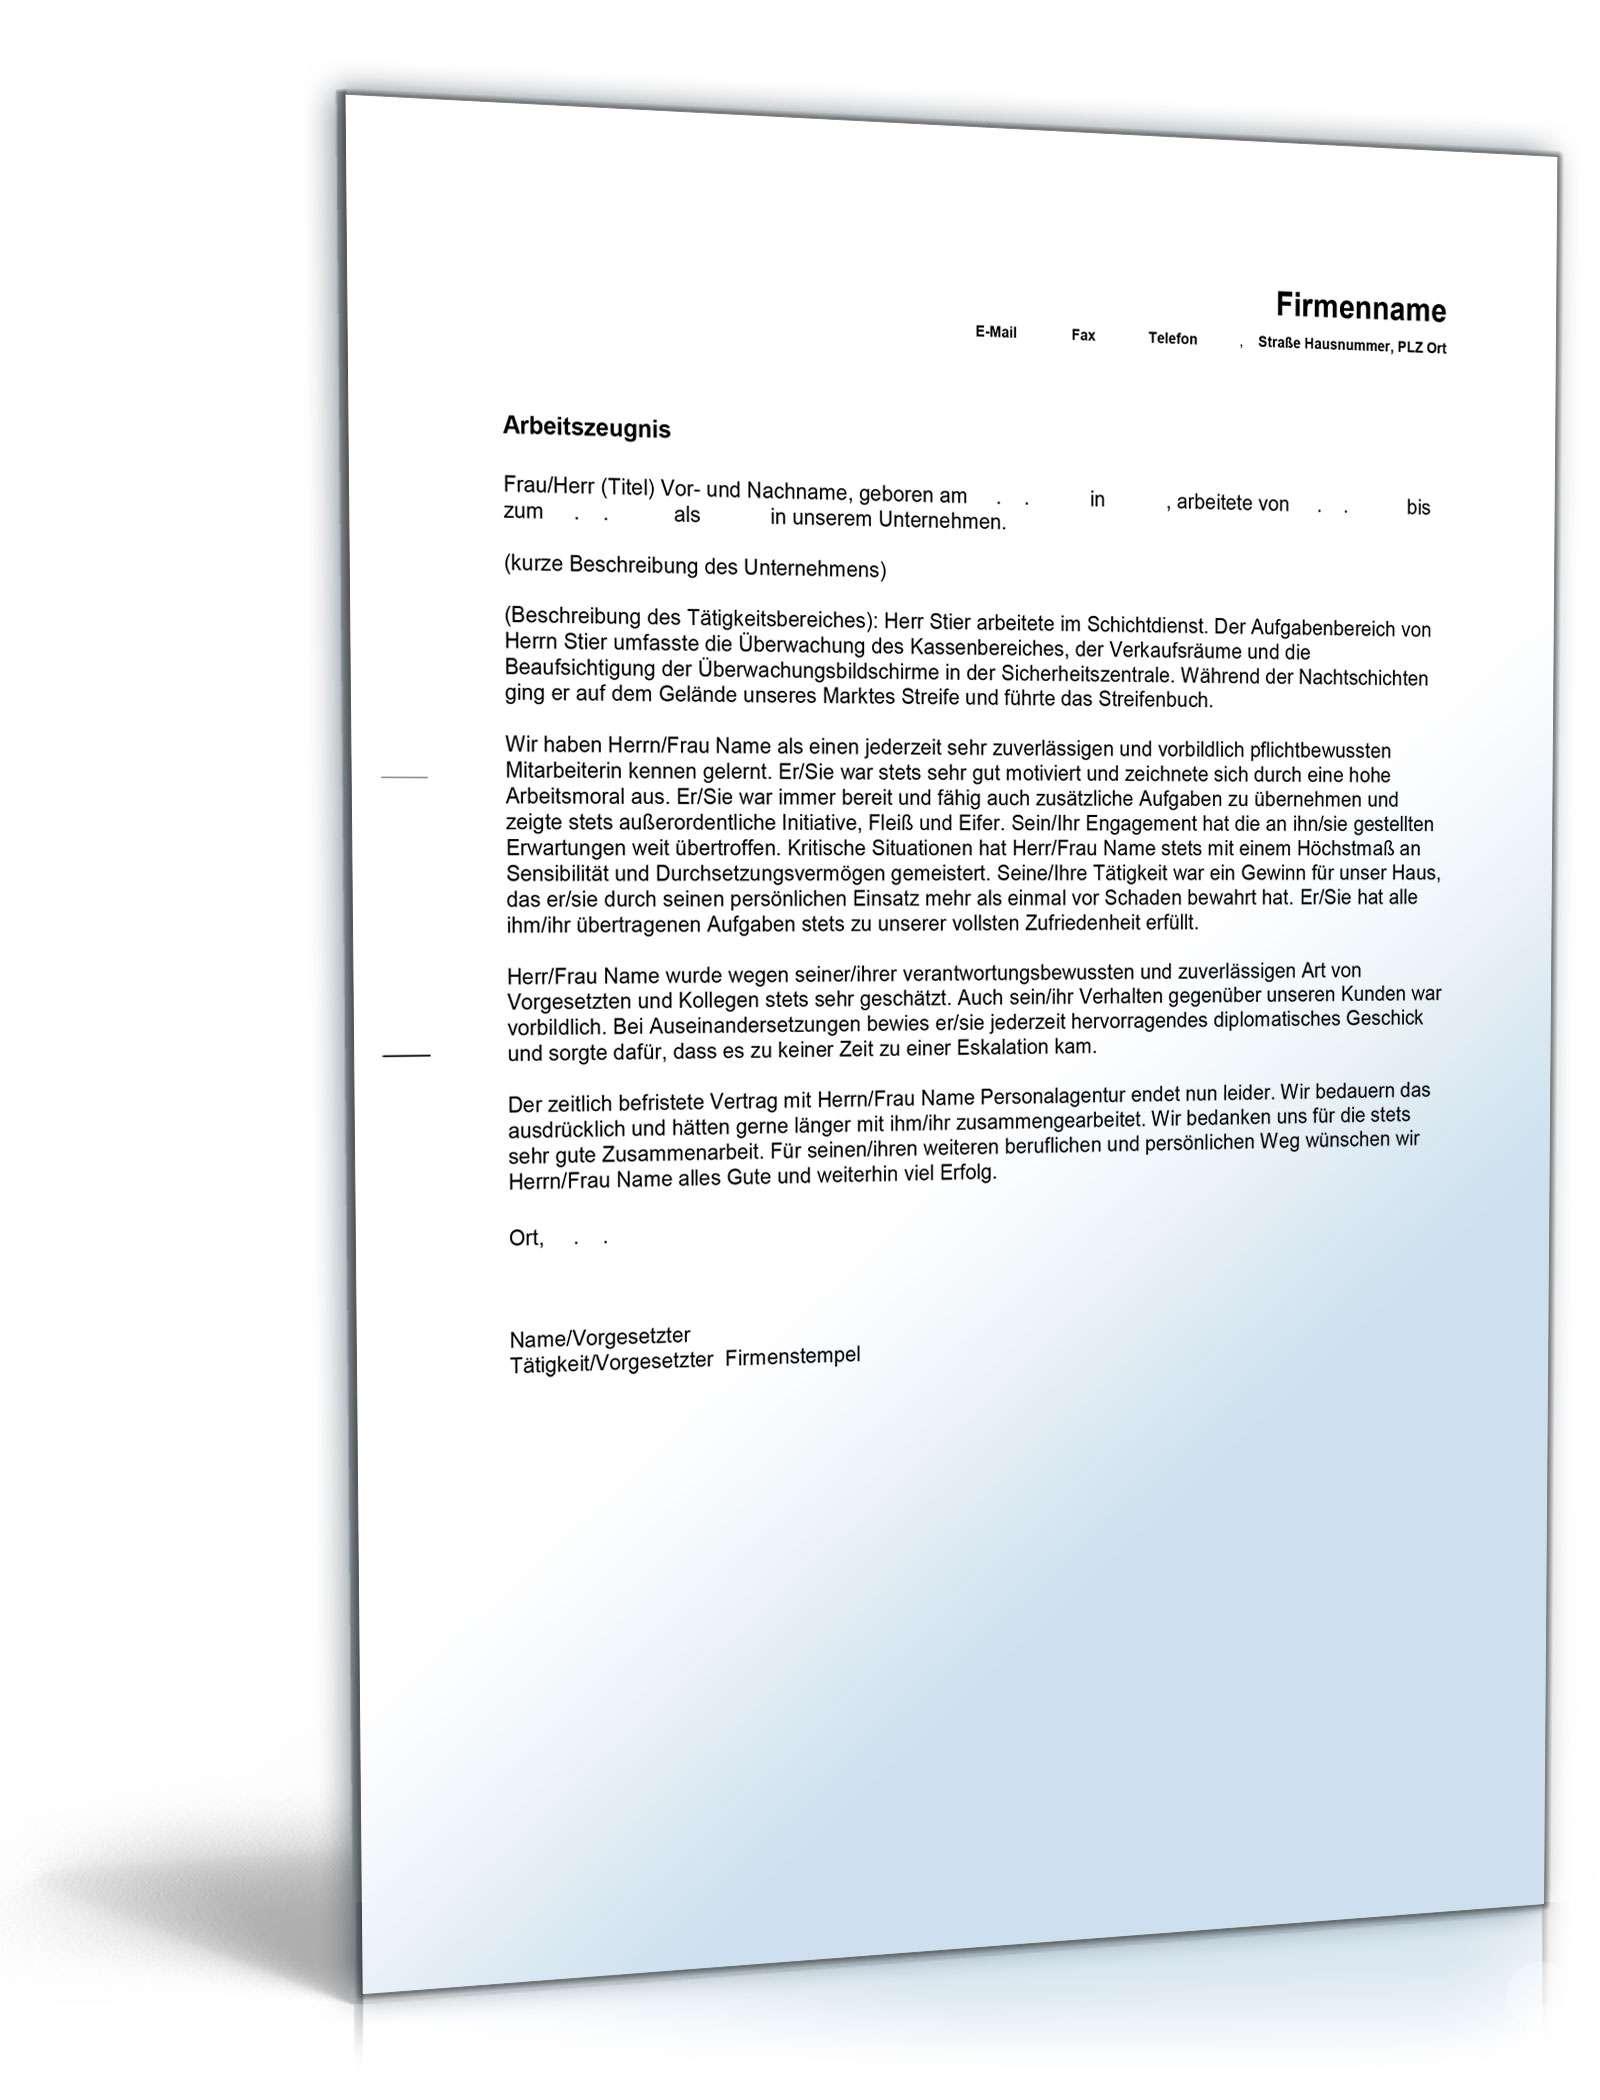 Berühmt Lebenslauf Liste Für Den Wachmann Fotos - Entry Level Resume ...